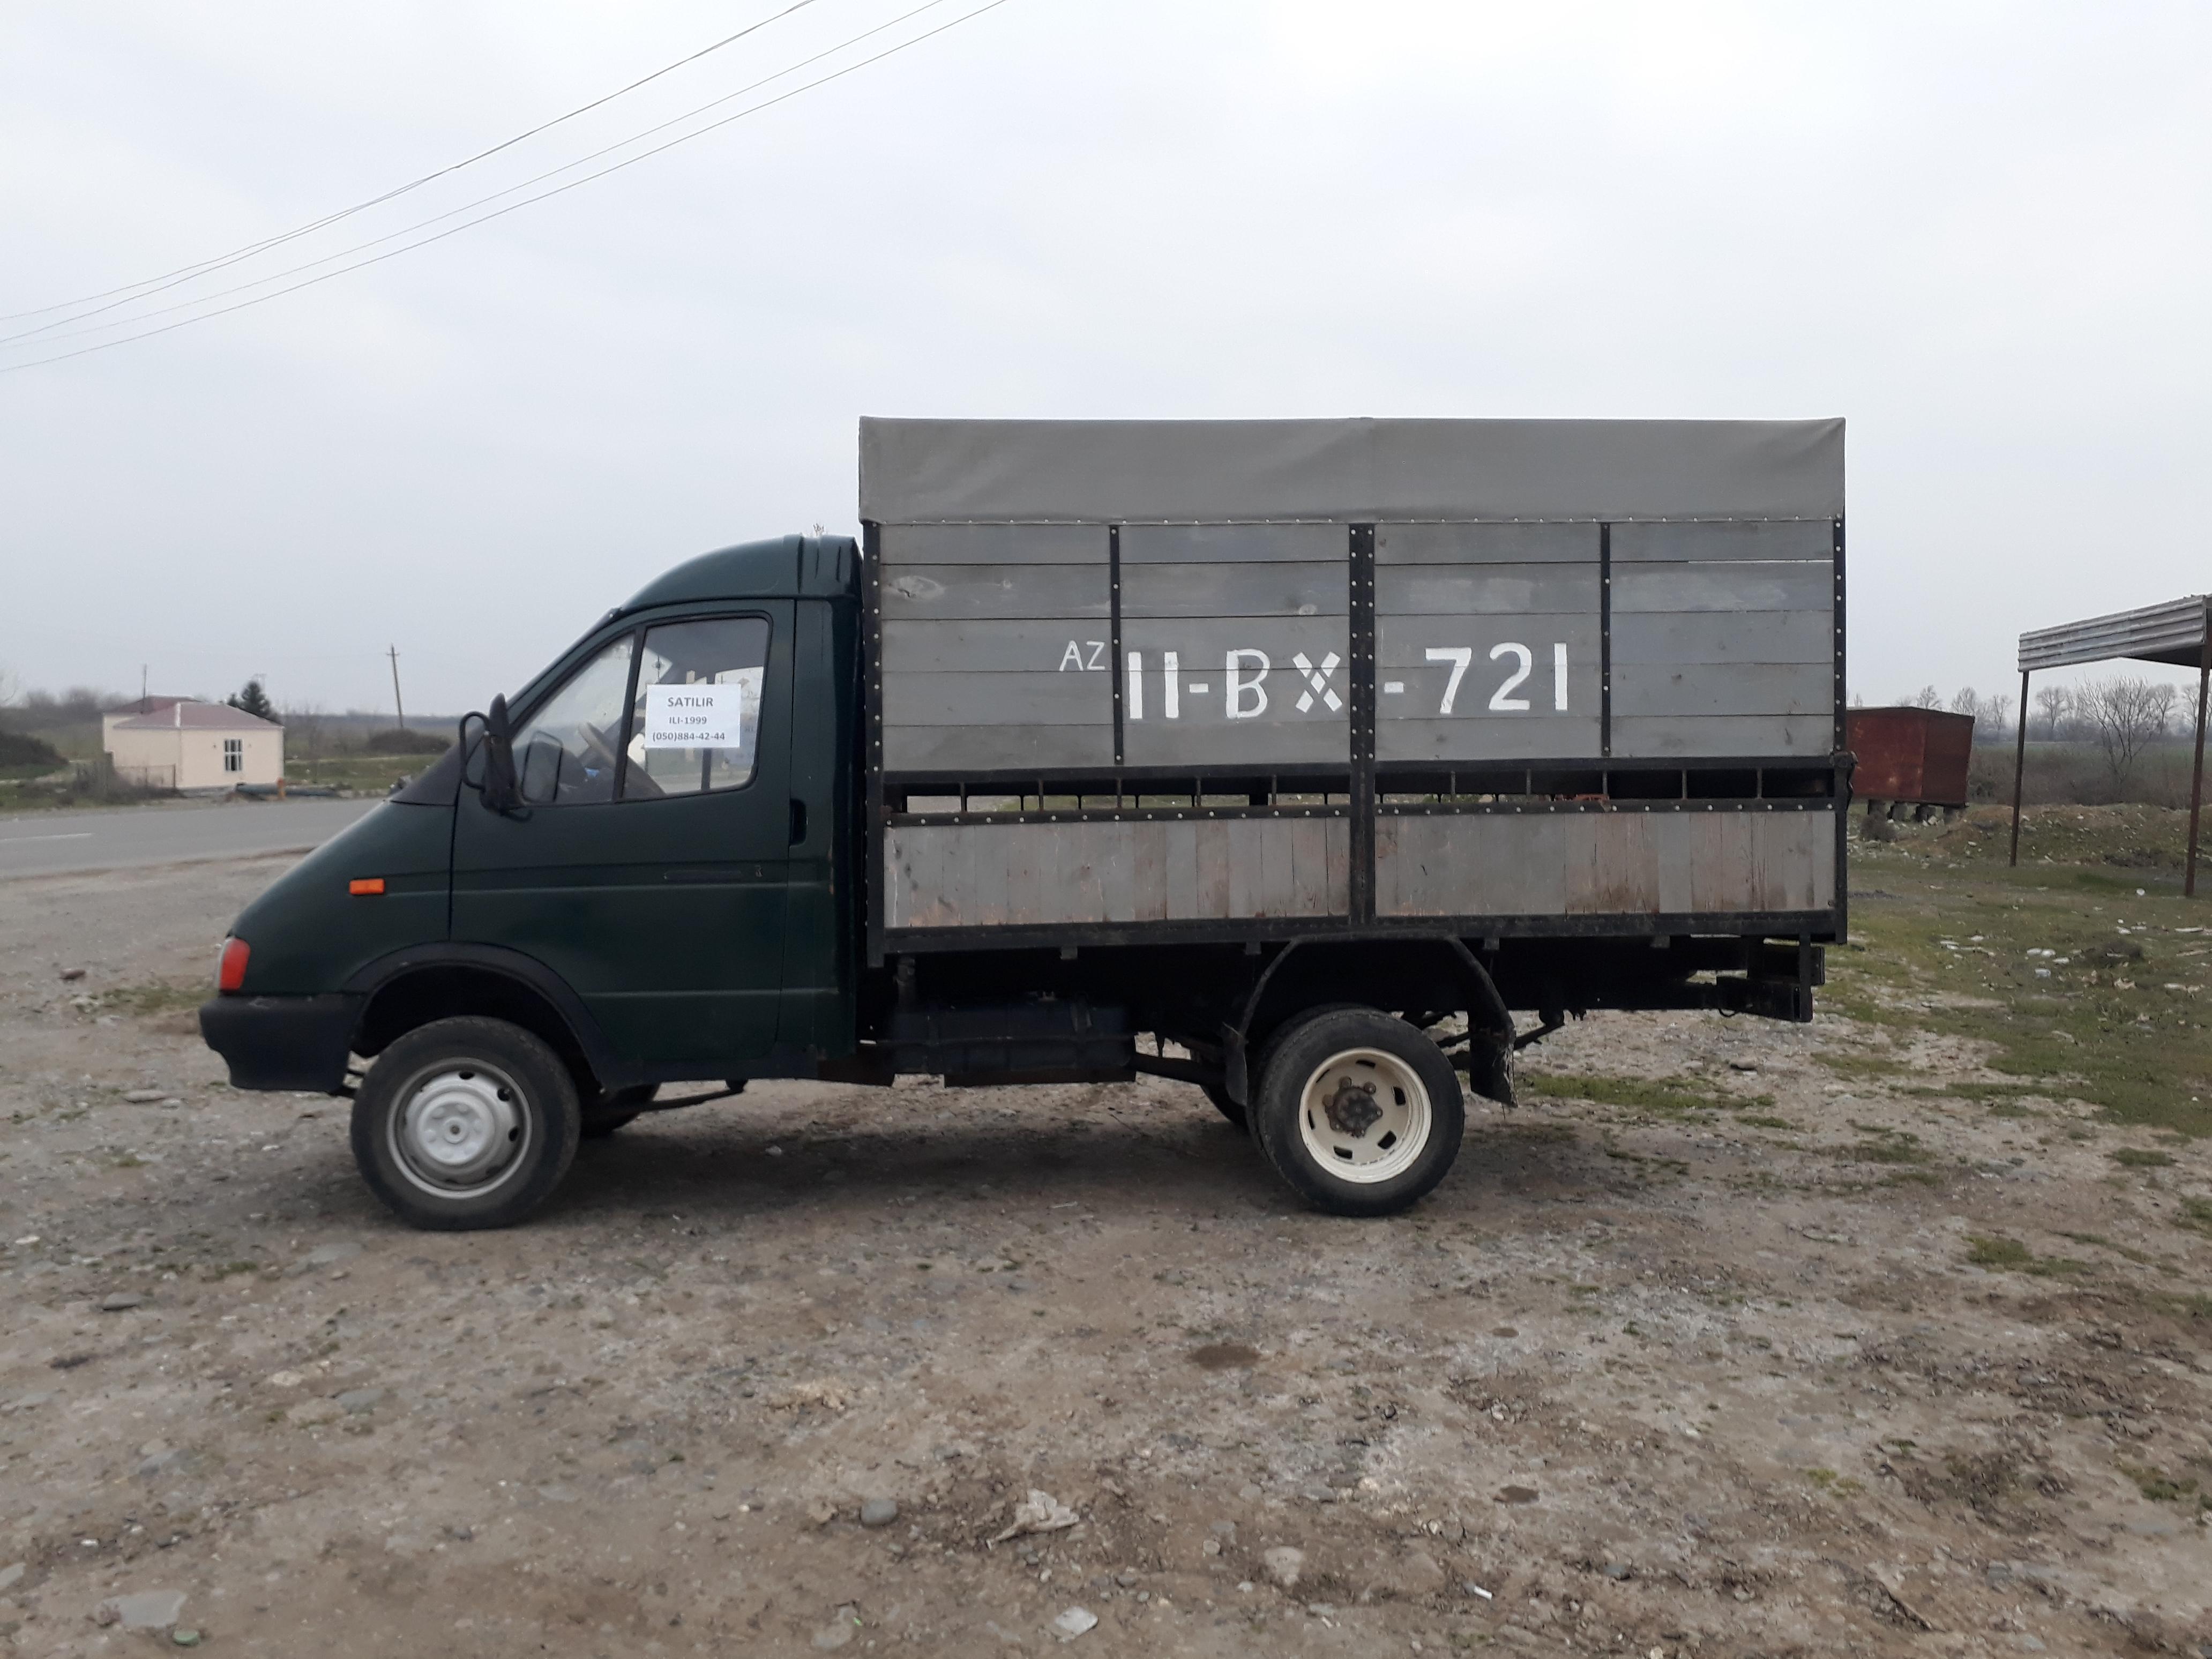 GAZ Gazel 2.6(lt) 1999 İkinci əl  $5800